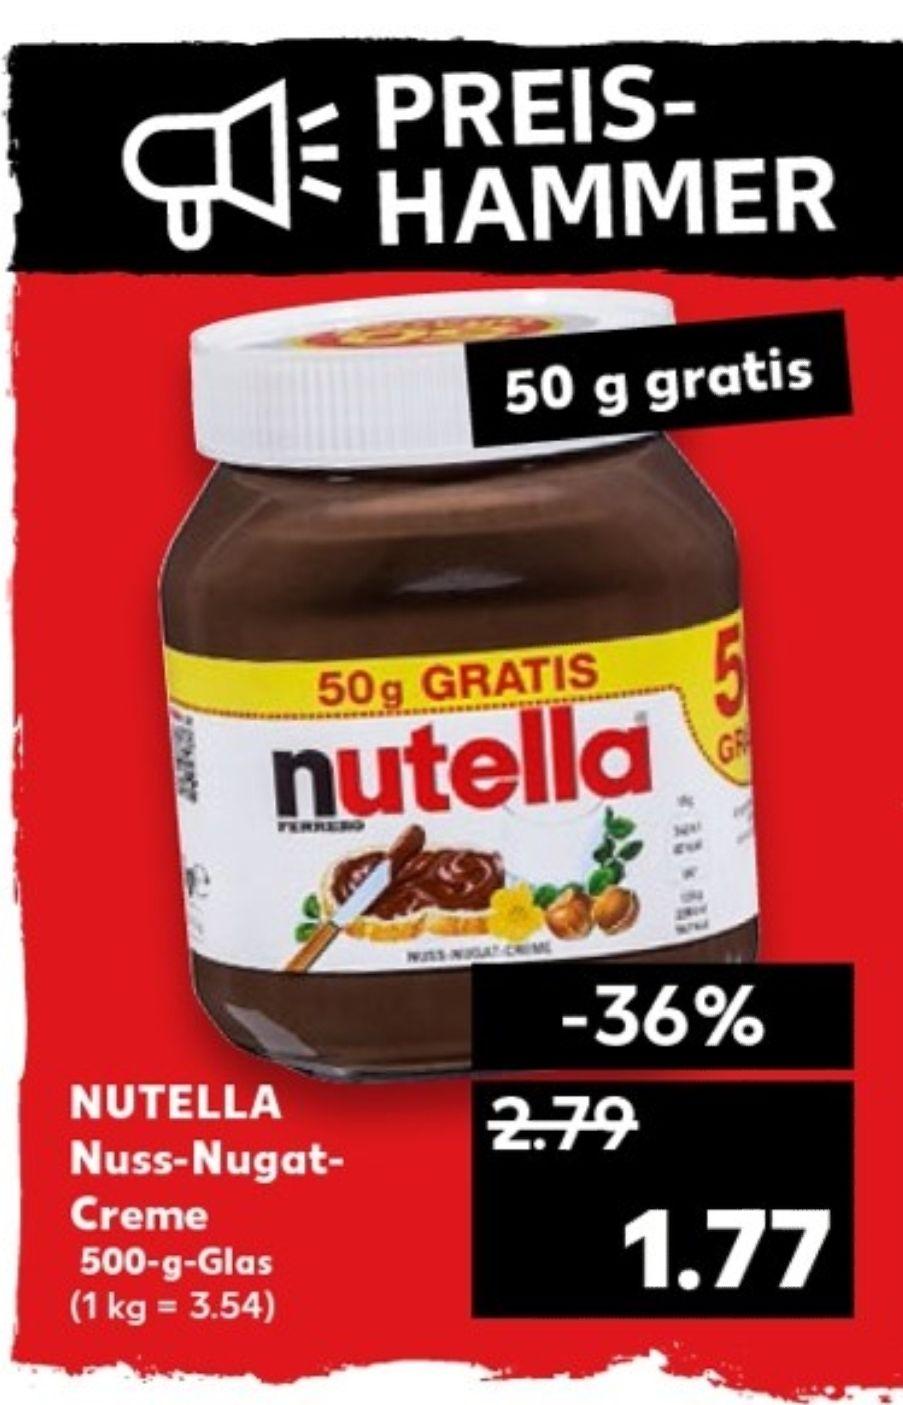 [Kaufland] [Nur noch heute!] Nutella 450g + 50g Gratis für 1,47€ mit 0,30€ Coupon ab 10.12.2018